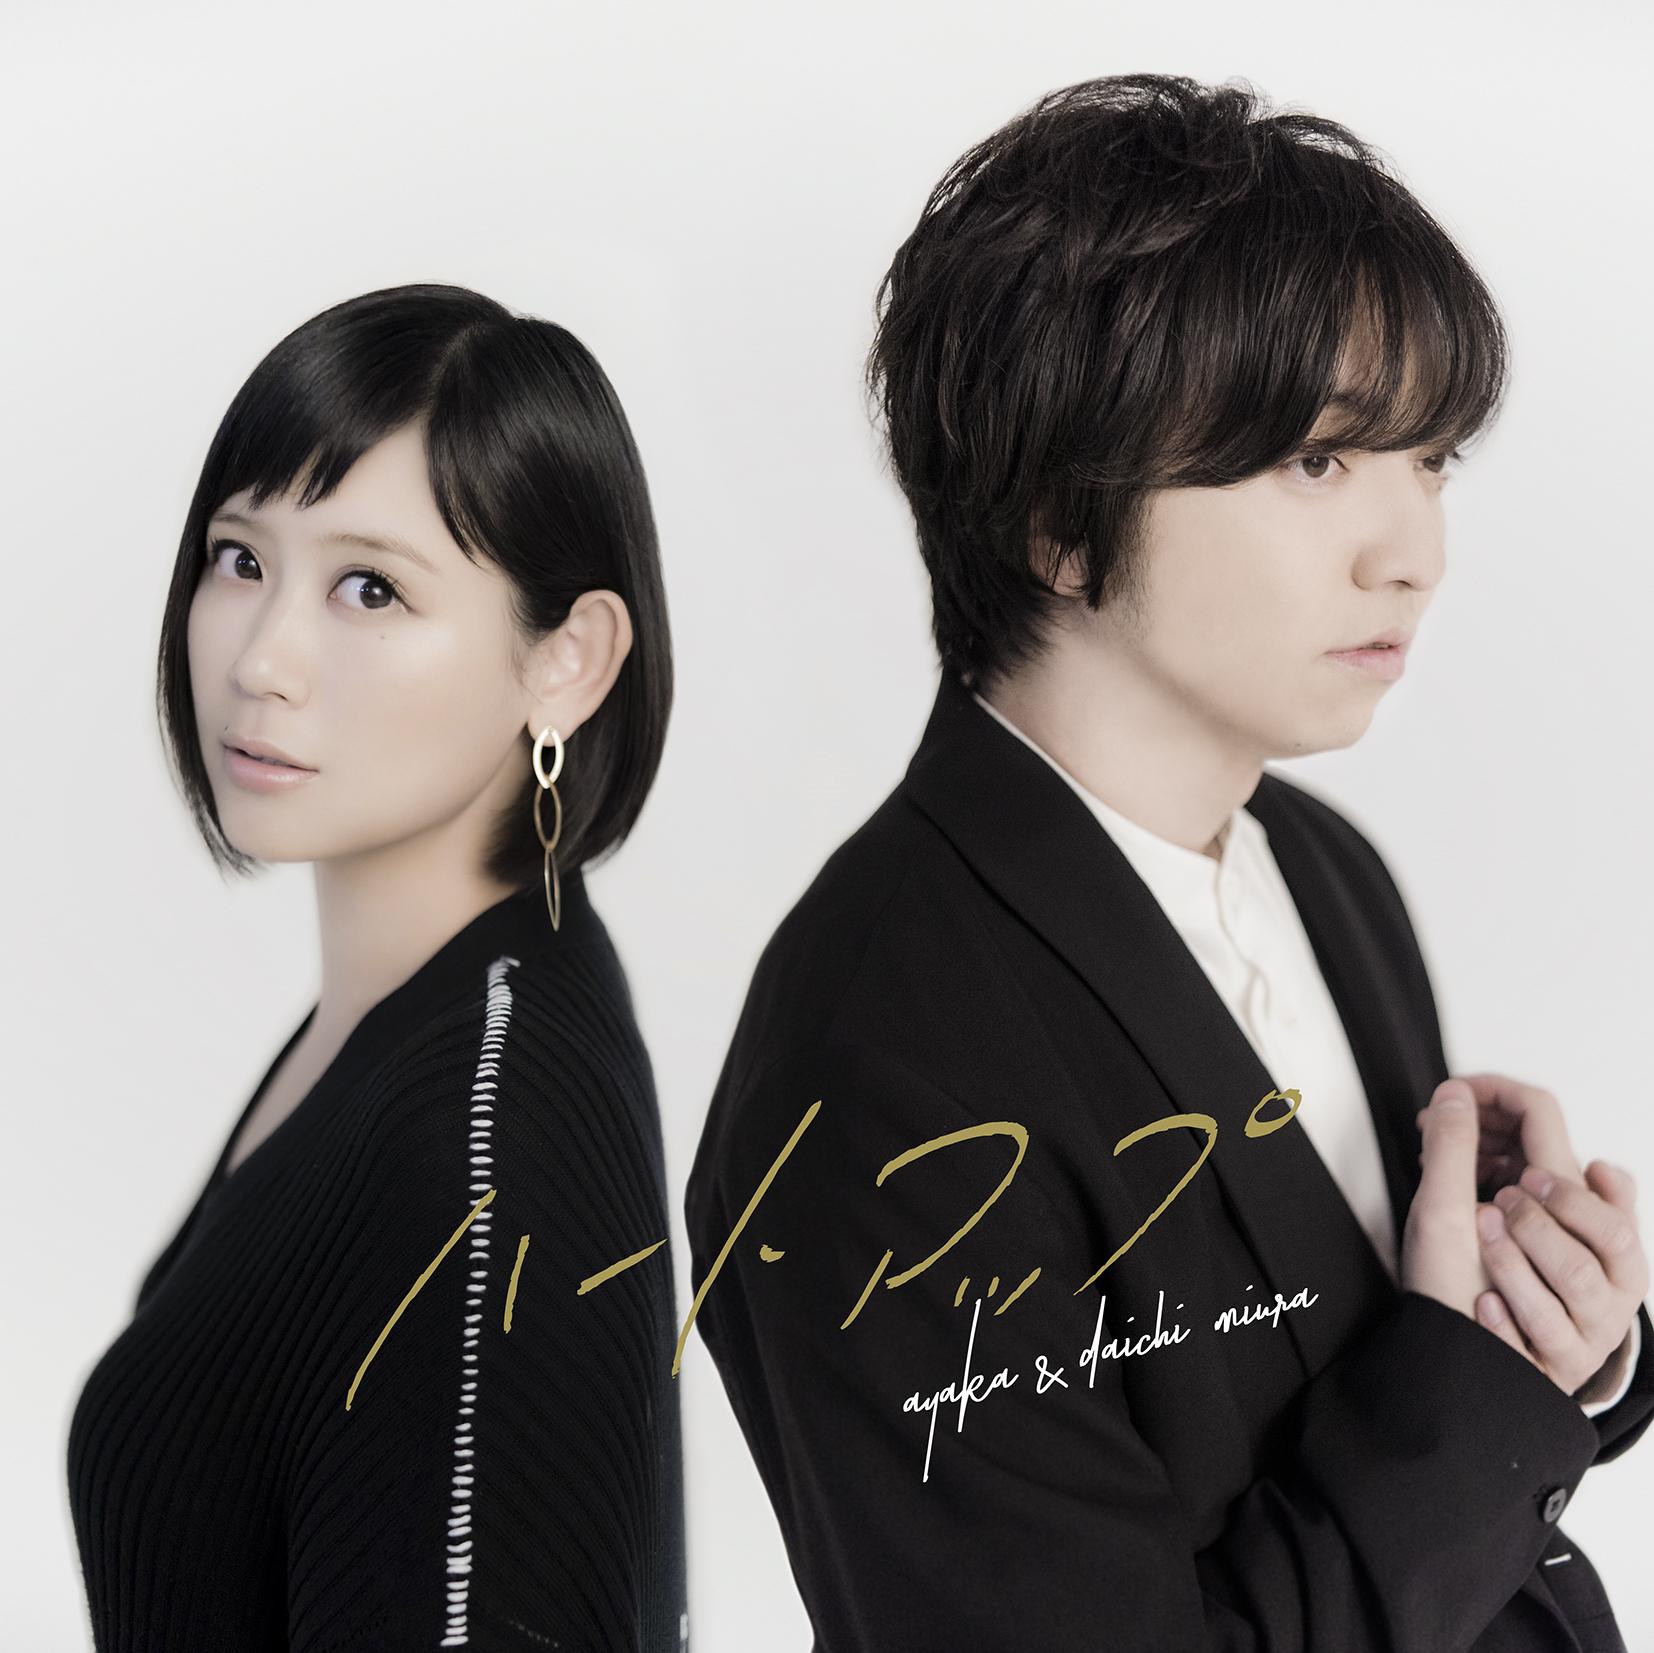 絢香&三浦大知「ハートアップ」【CD+DVD盤】